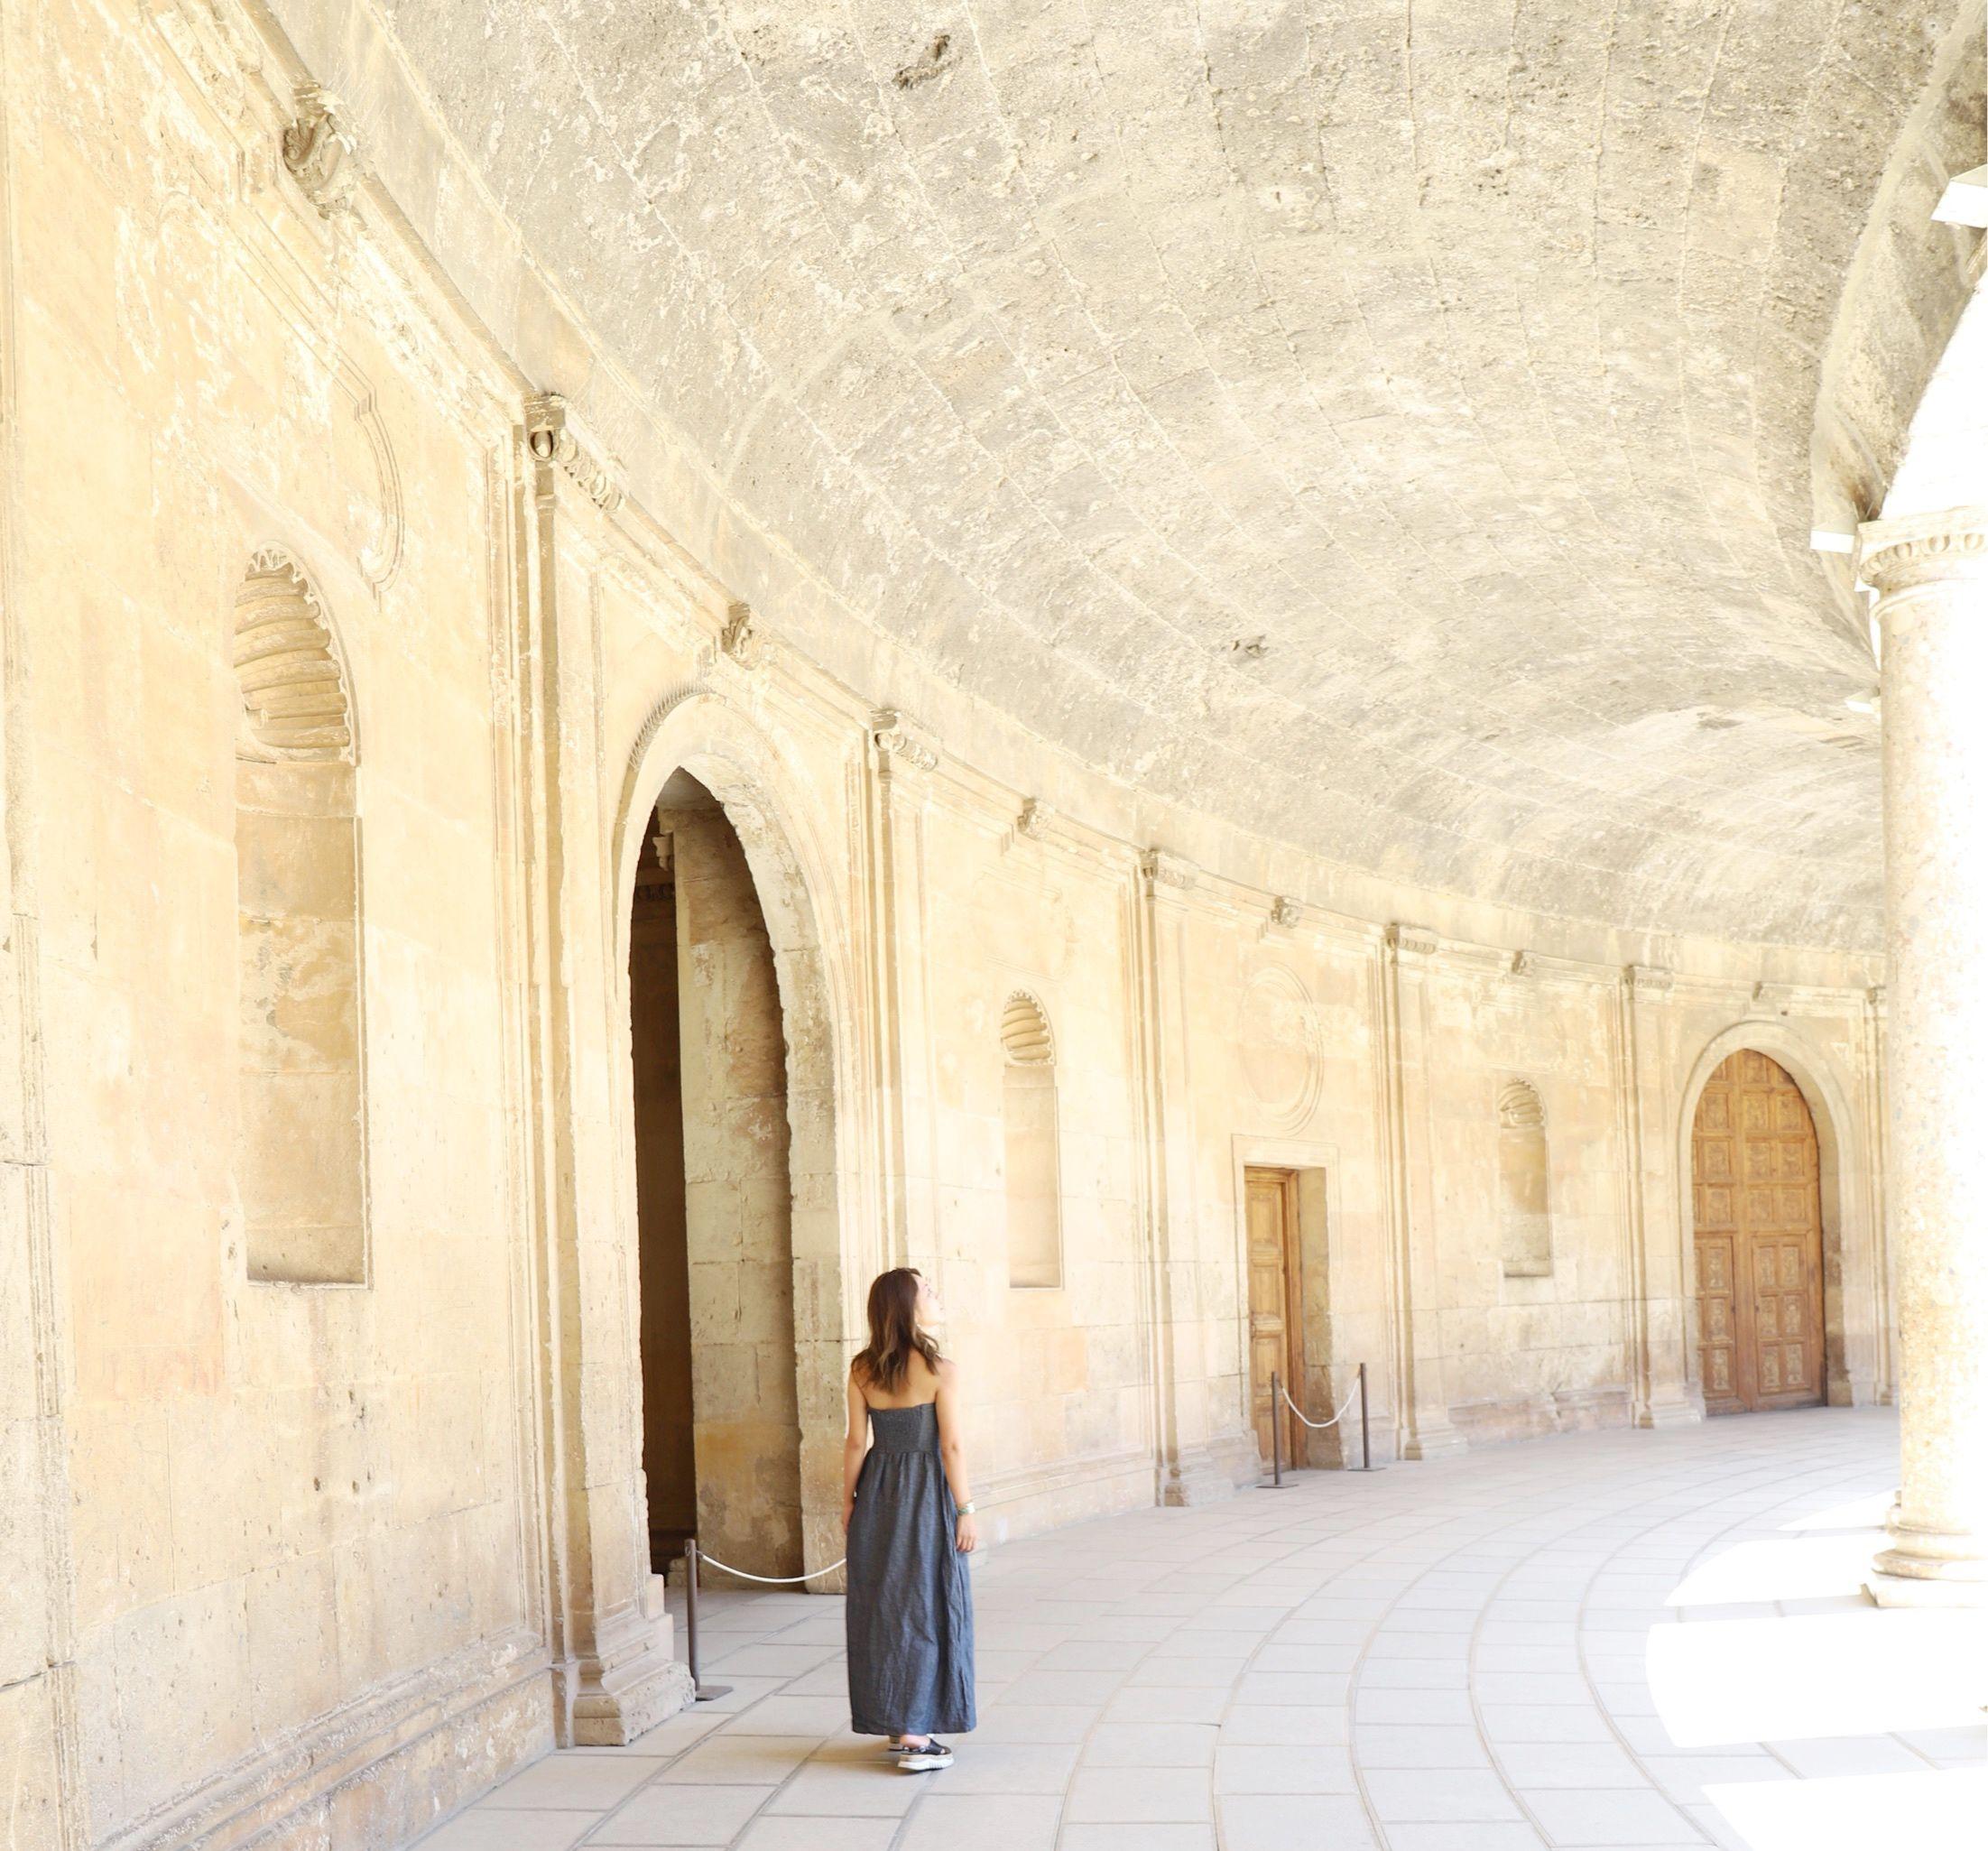 スペイン・グラナダ】世界遺産「アルハンブラ宮殿」でイスラム文化を ...